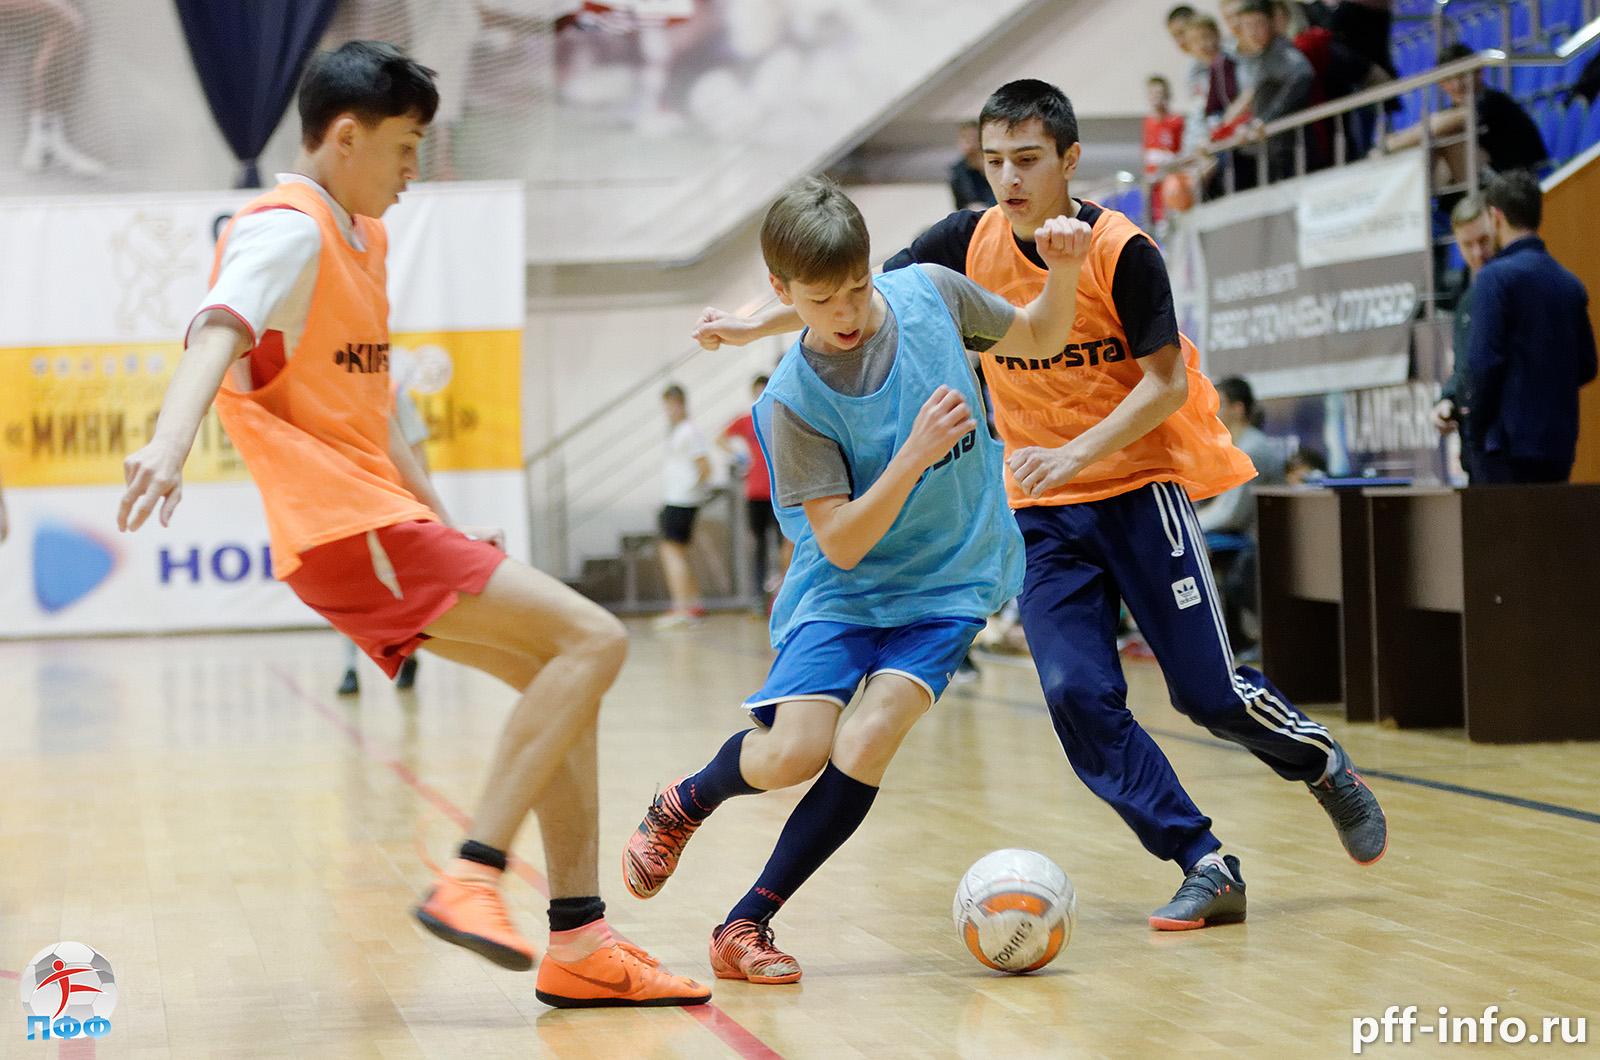 Игроки МФК КПРФ провели мастер-класс для участников Кубка Подольска до 14 лет